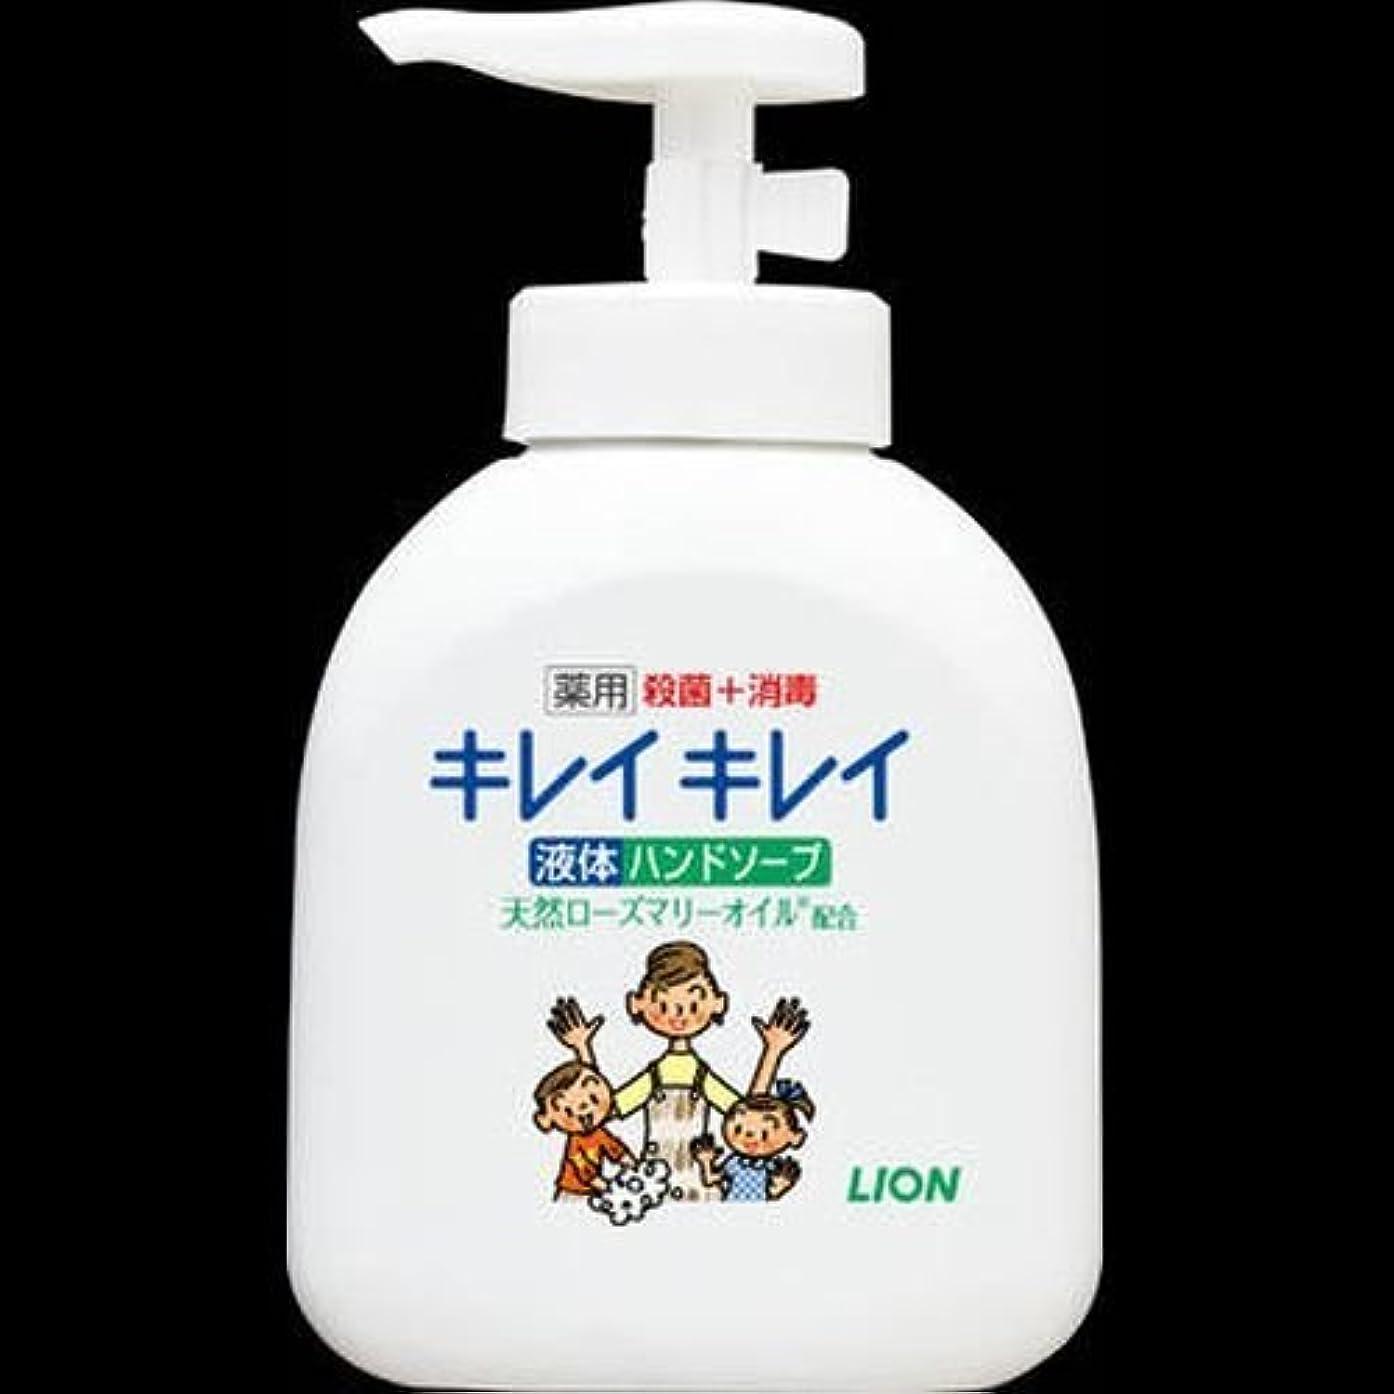 繊毛バーベキュー連帯ライオン キレイキレイ 薬用液体ハンドソープ 本体 250ml ×2セット